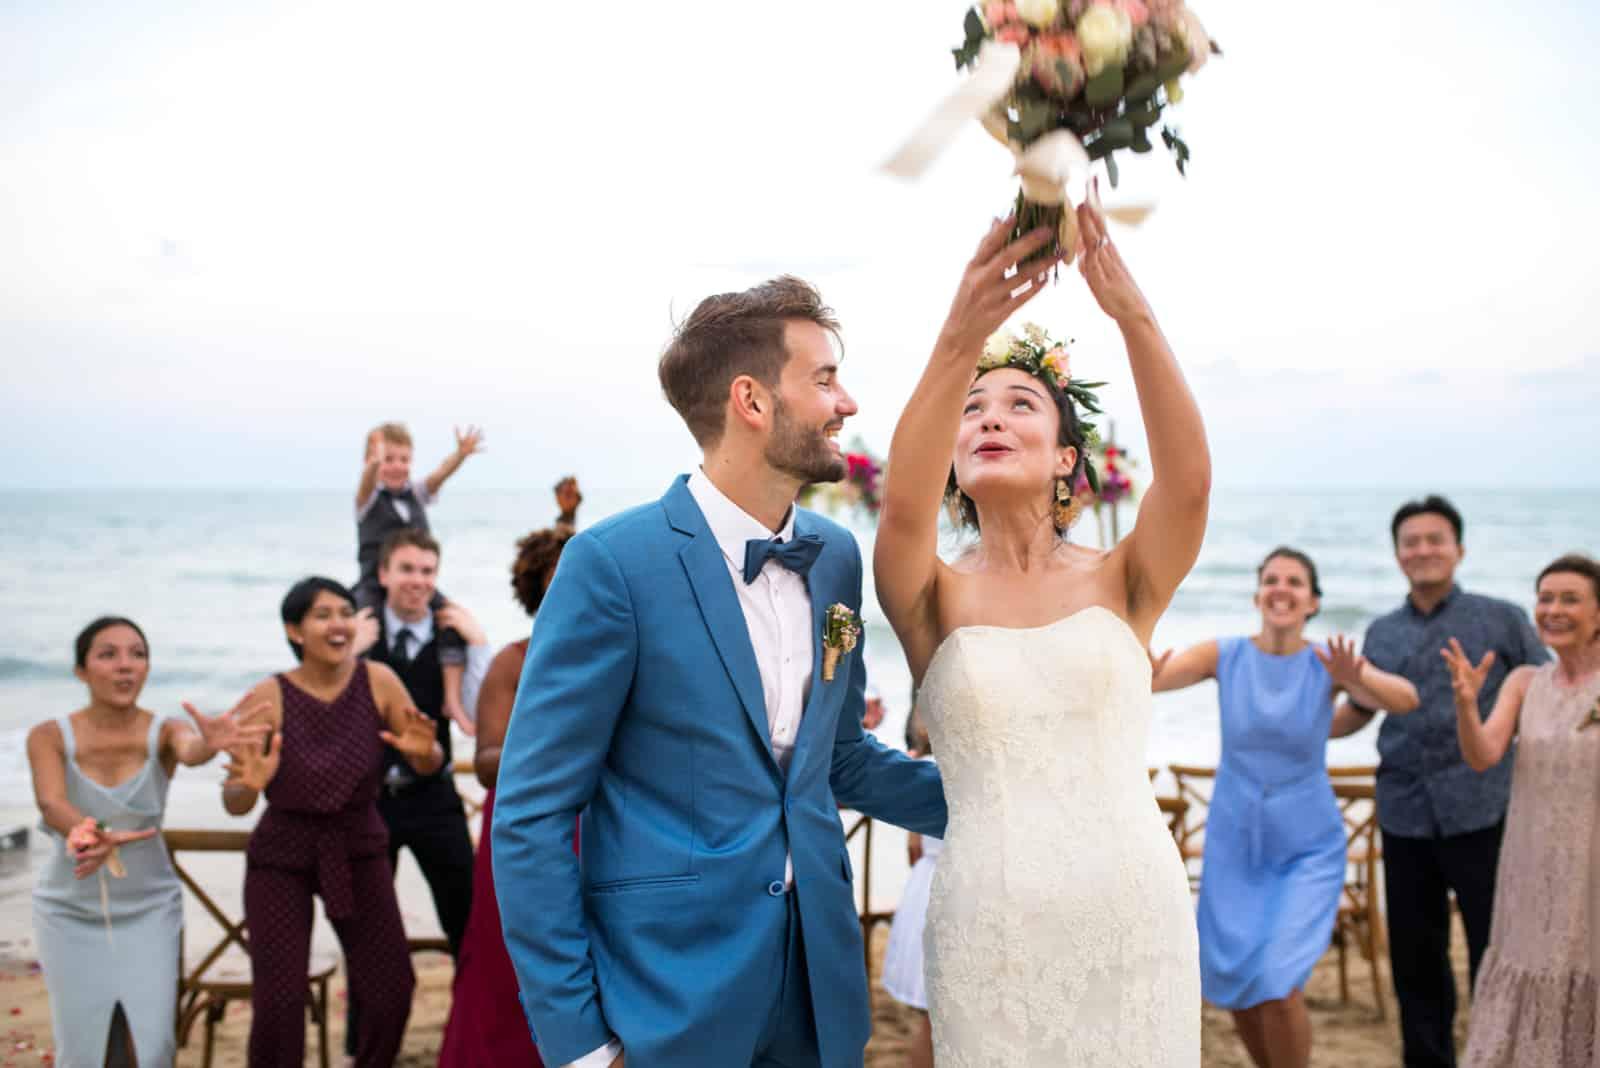 Die Braut wirft einen Blumenstrauß bei der Hochzeitszeremonie